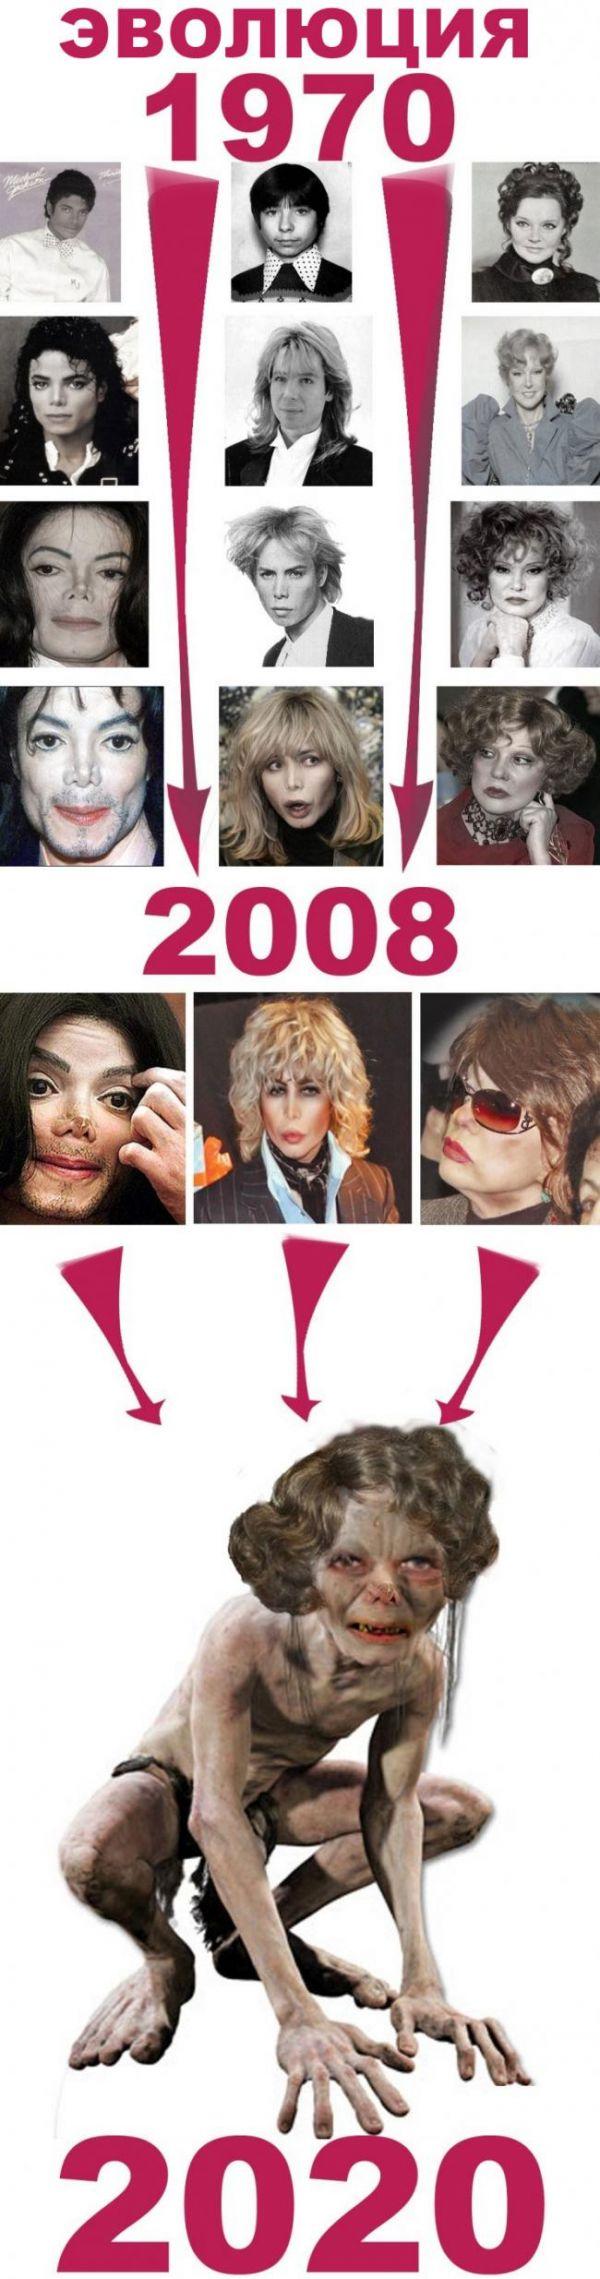 Вот такая эволюция....